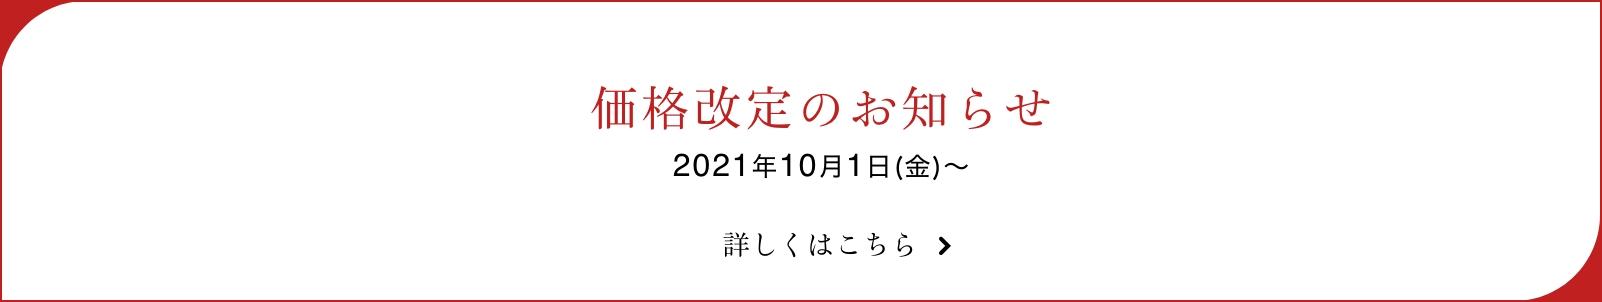 京橋千疋屋 価格改定のお知らせ